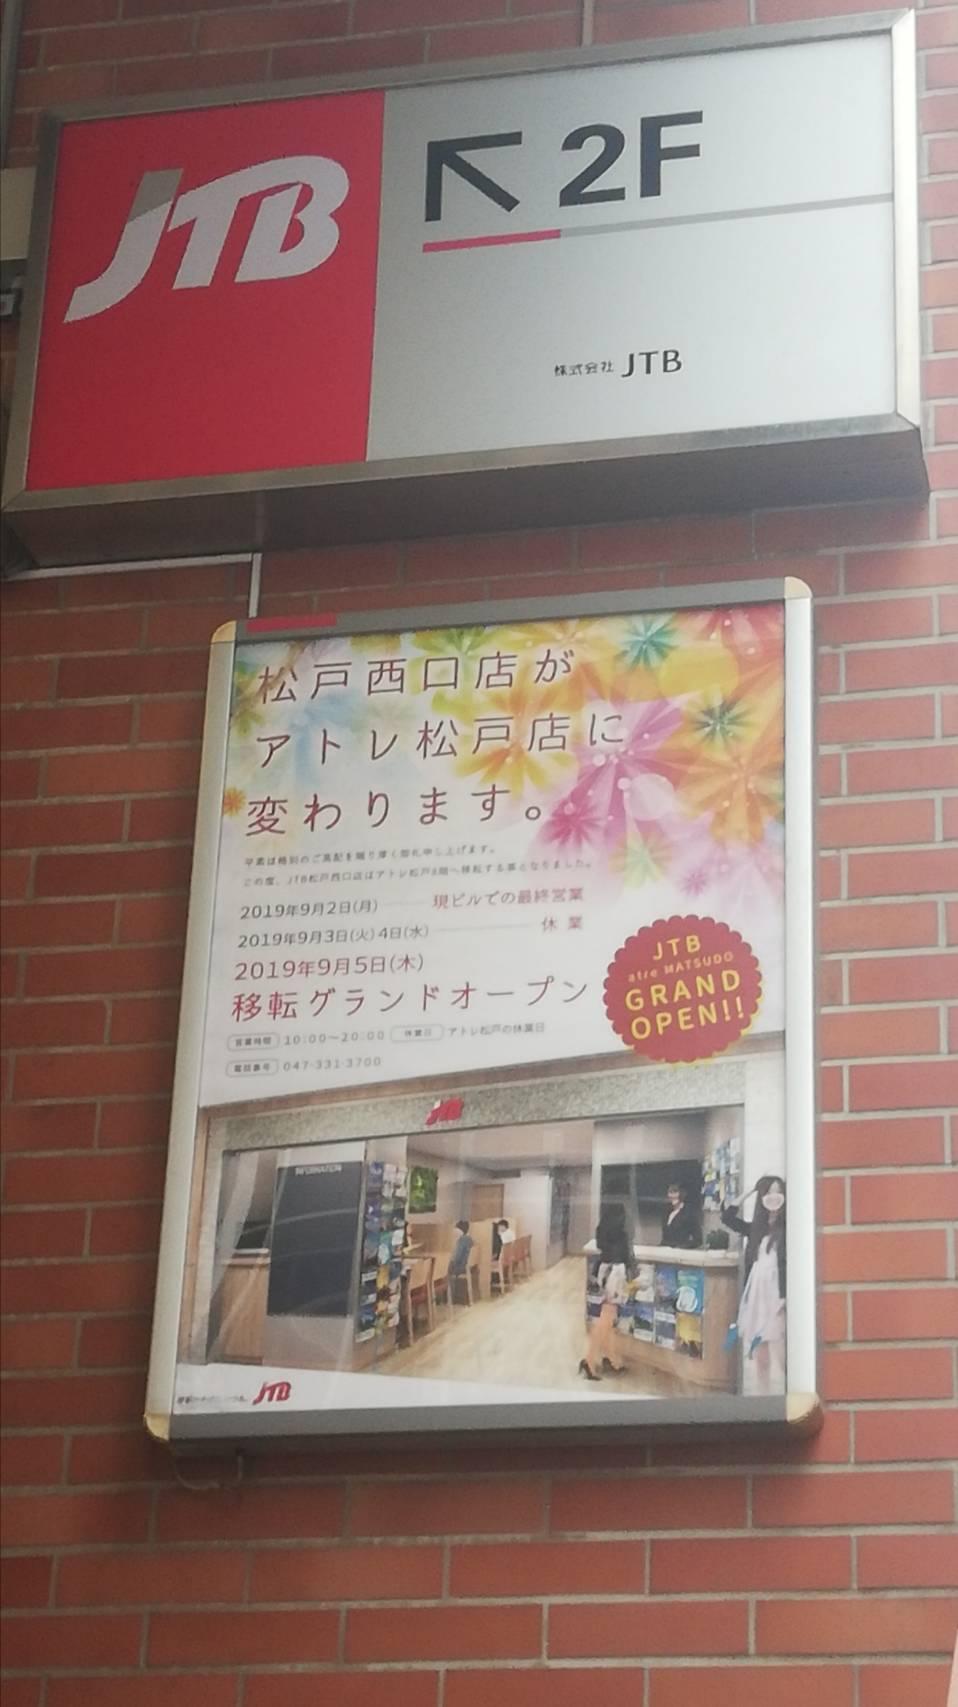 JTB松戸西口店アトレ松戸店移転